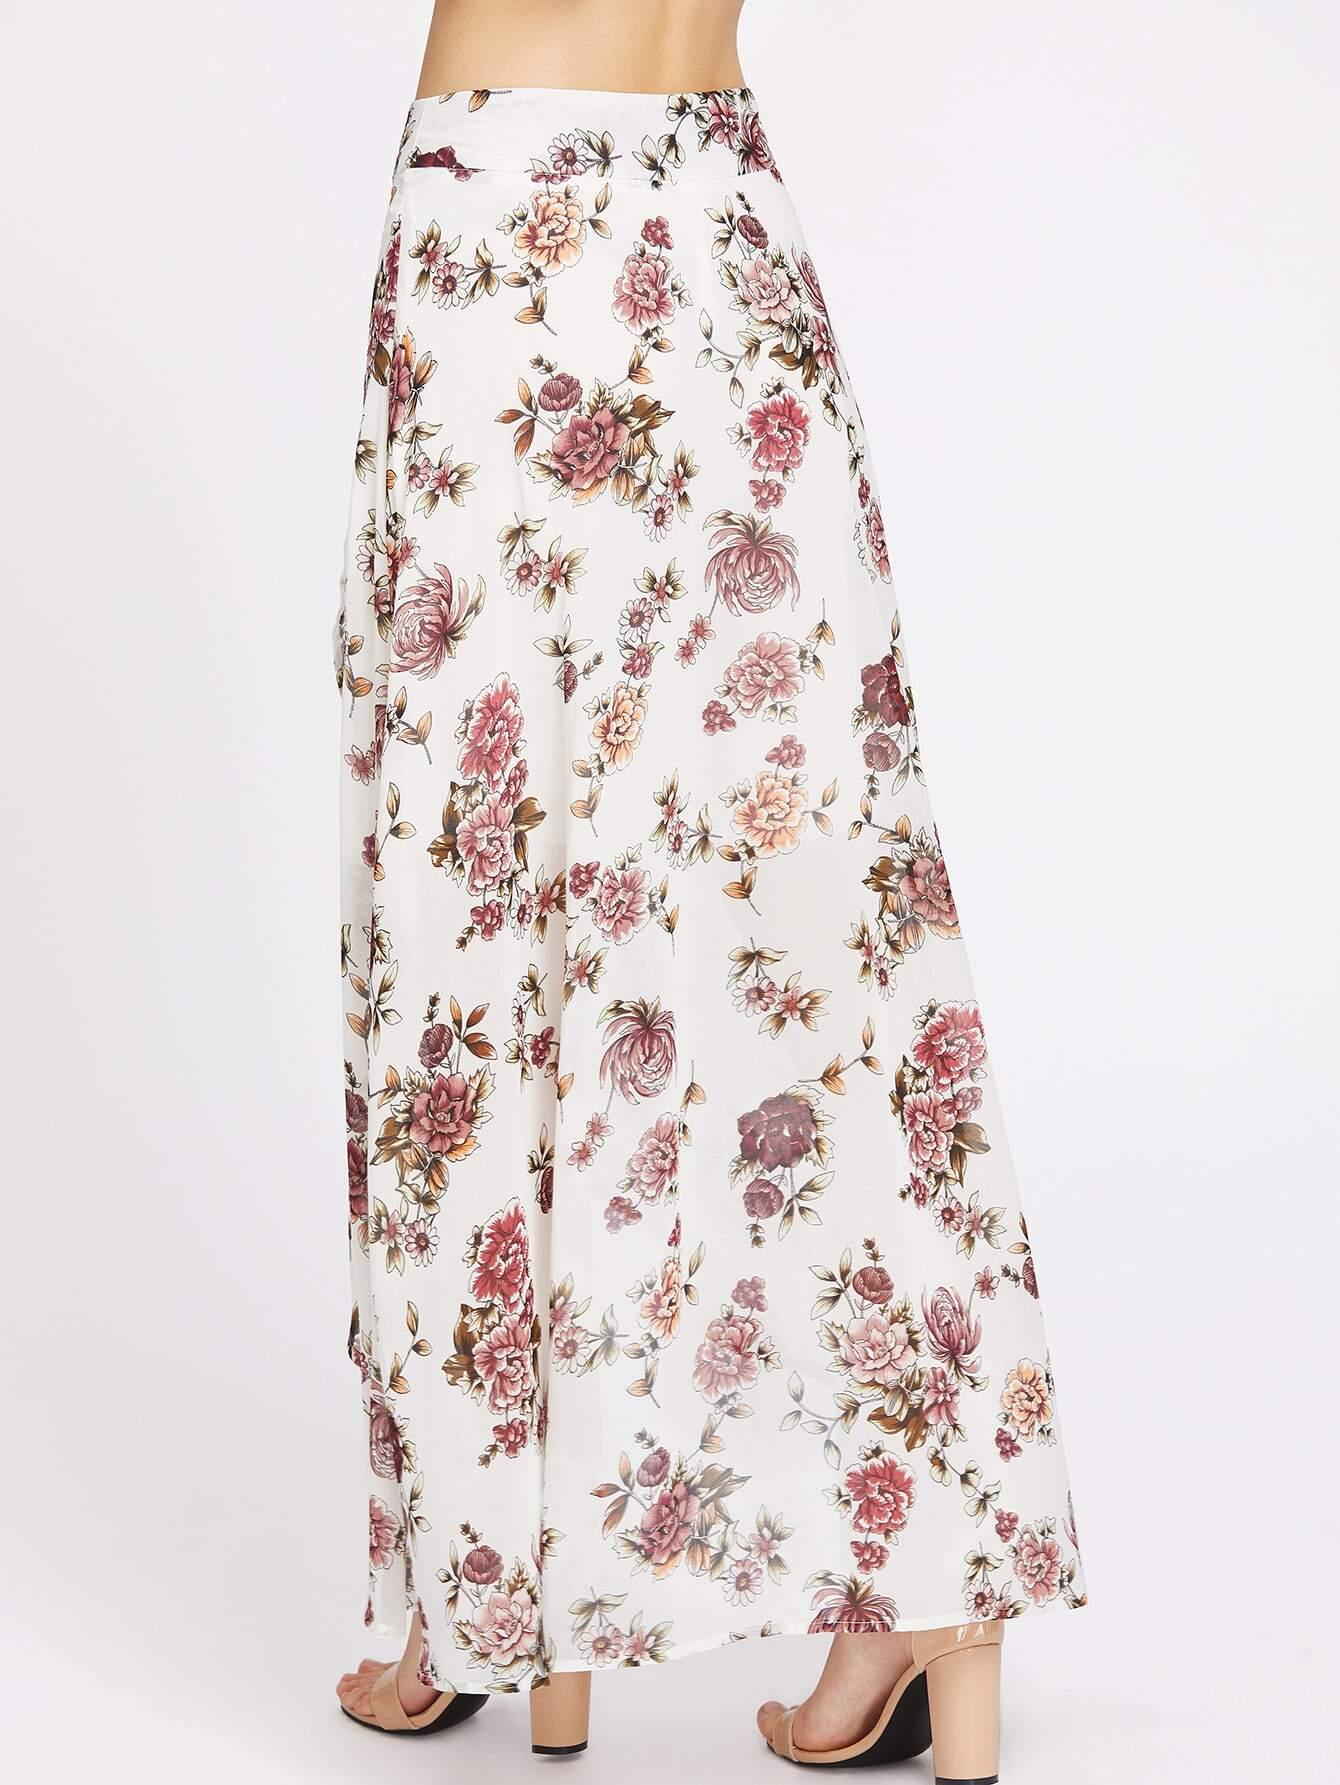 high low hemlines floral skirt shein sheinside